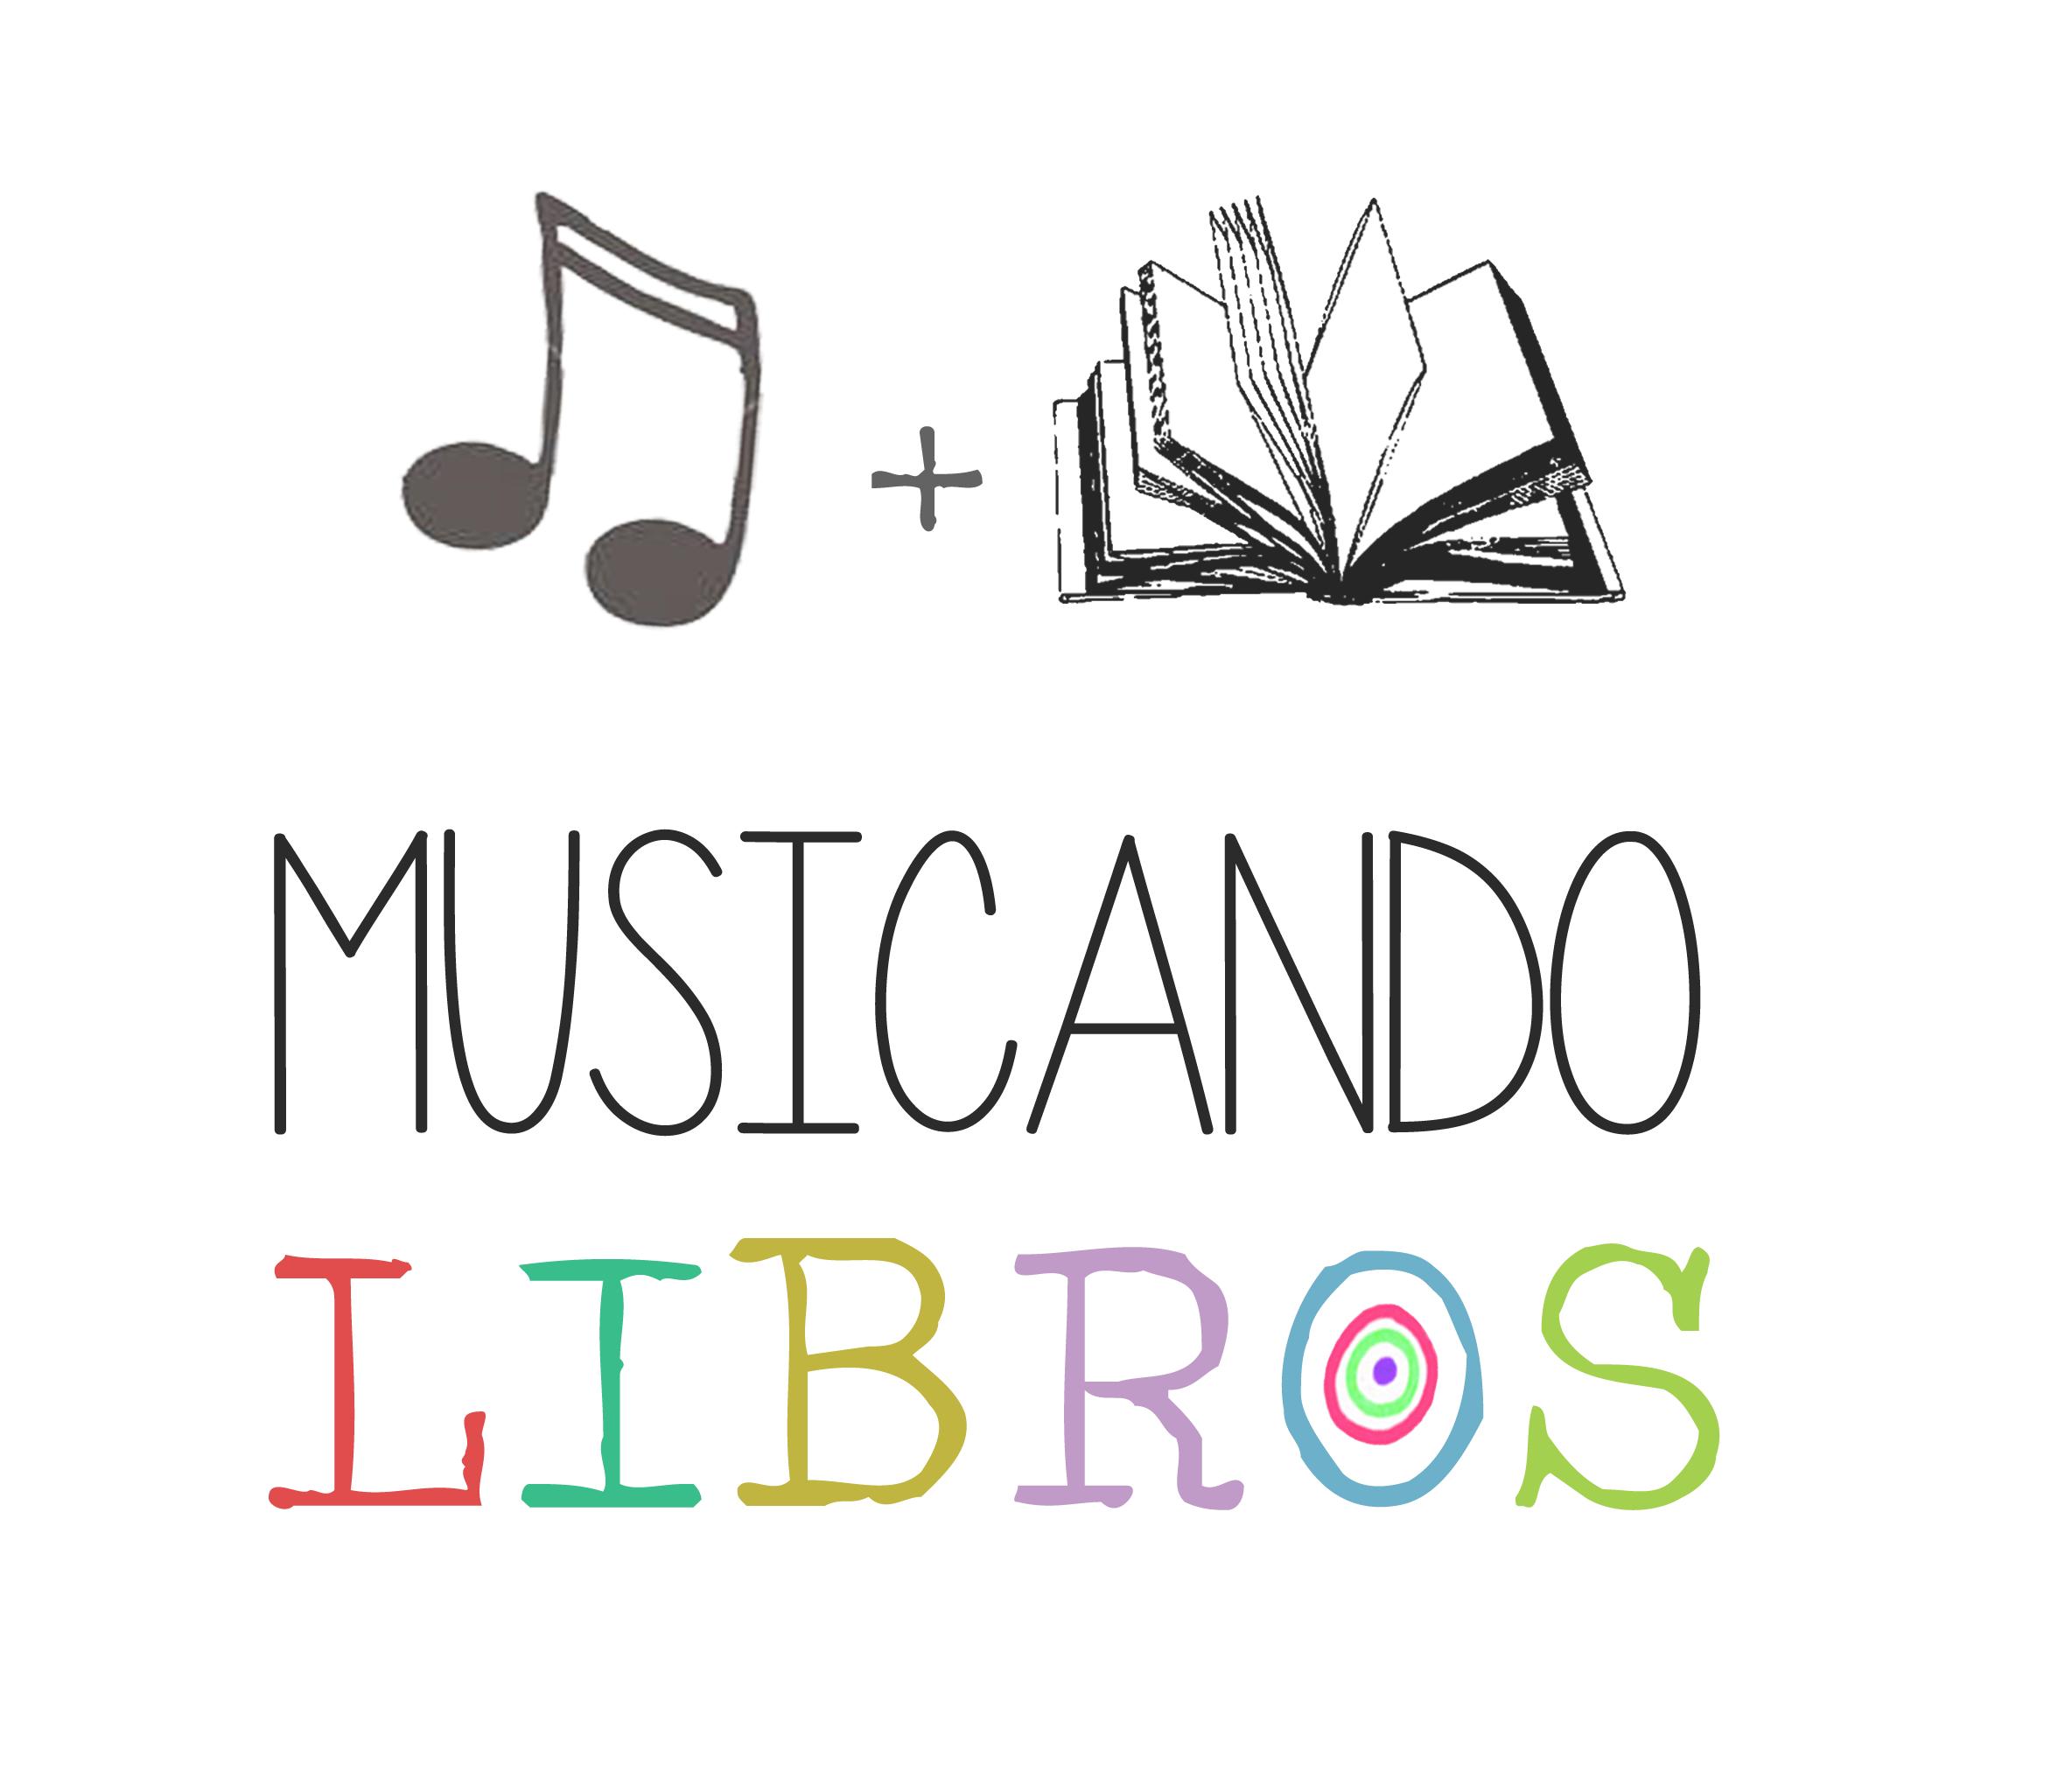 musicando libros gorgoritos granada